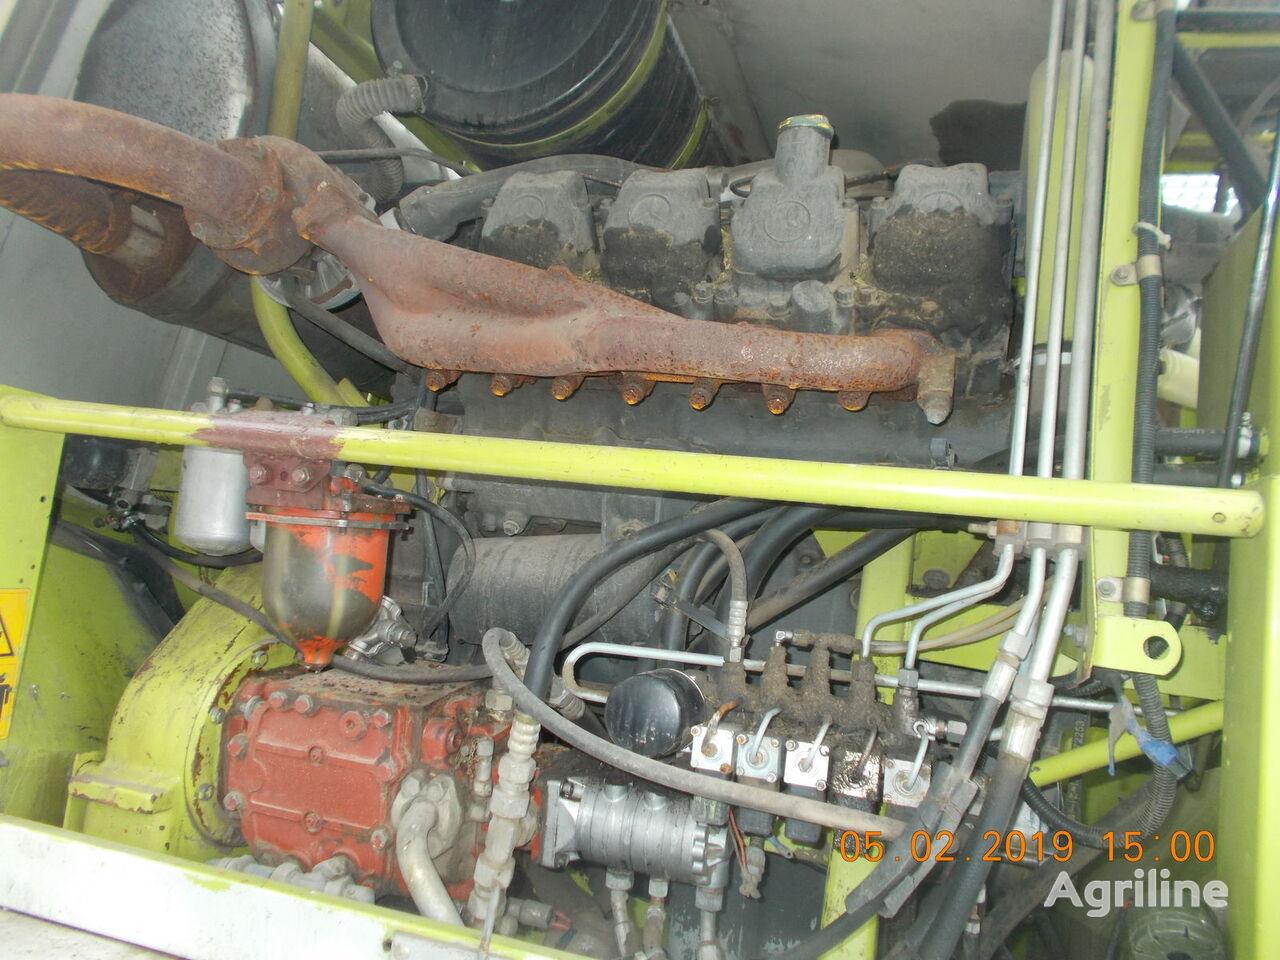 MERCEDES-BENZ OM 442 LA engine for CLAAS Jaguar 860 grain harvester